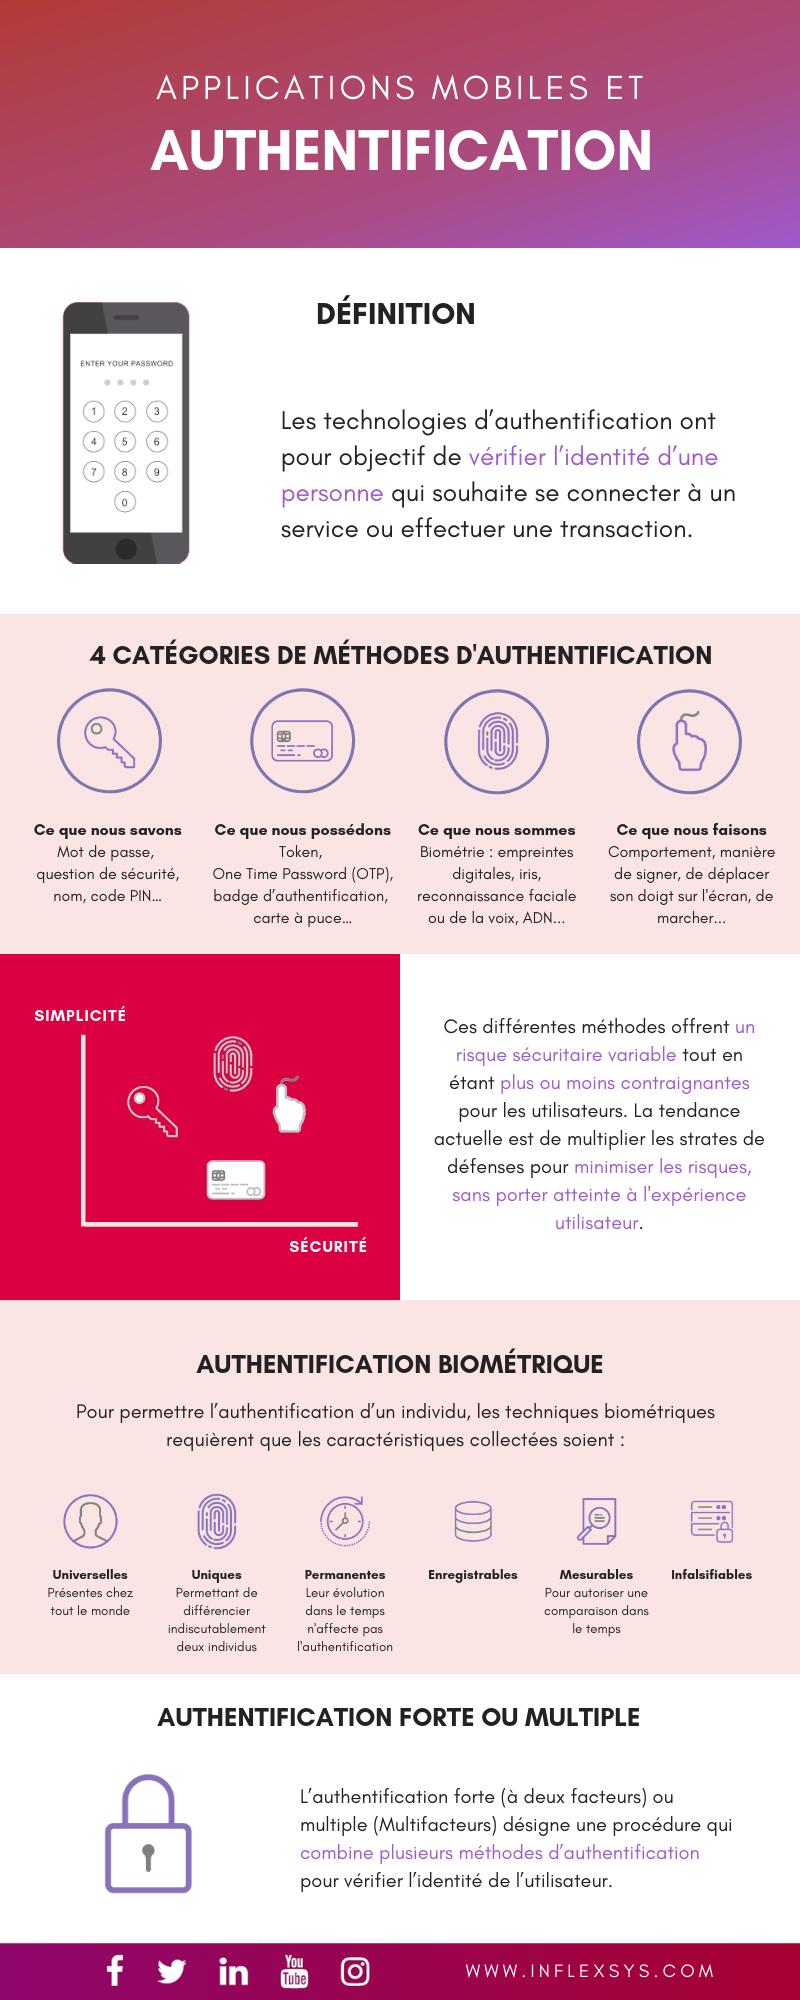 InfleXsys Applications mobiles et authentification : ce qu'il faut savoir